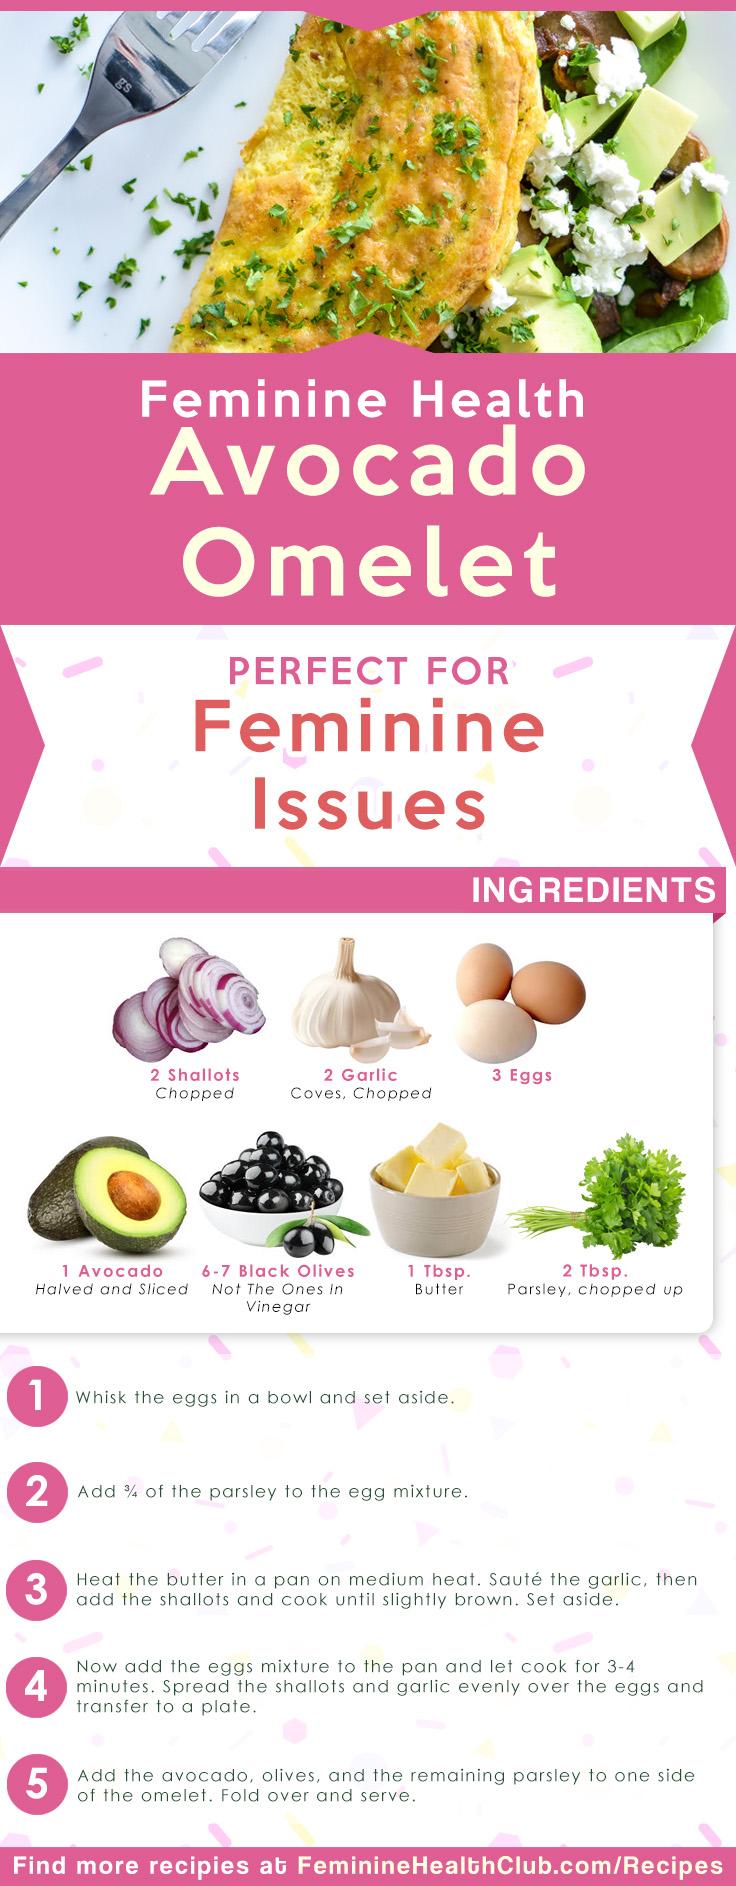 Feminine Health Avocado Omelet